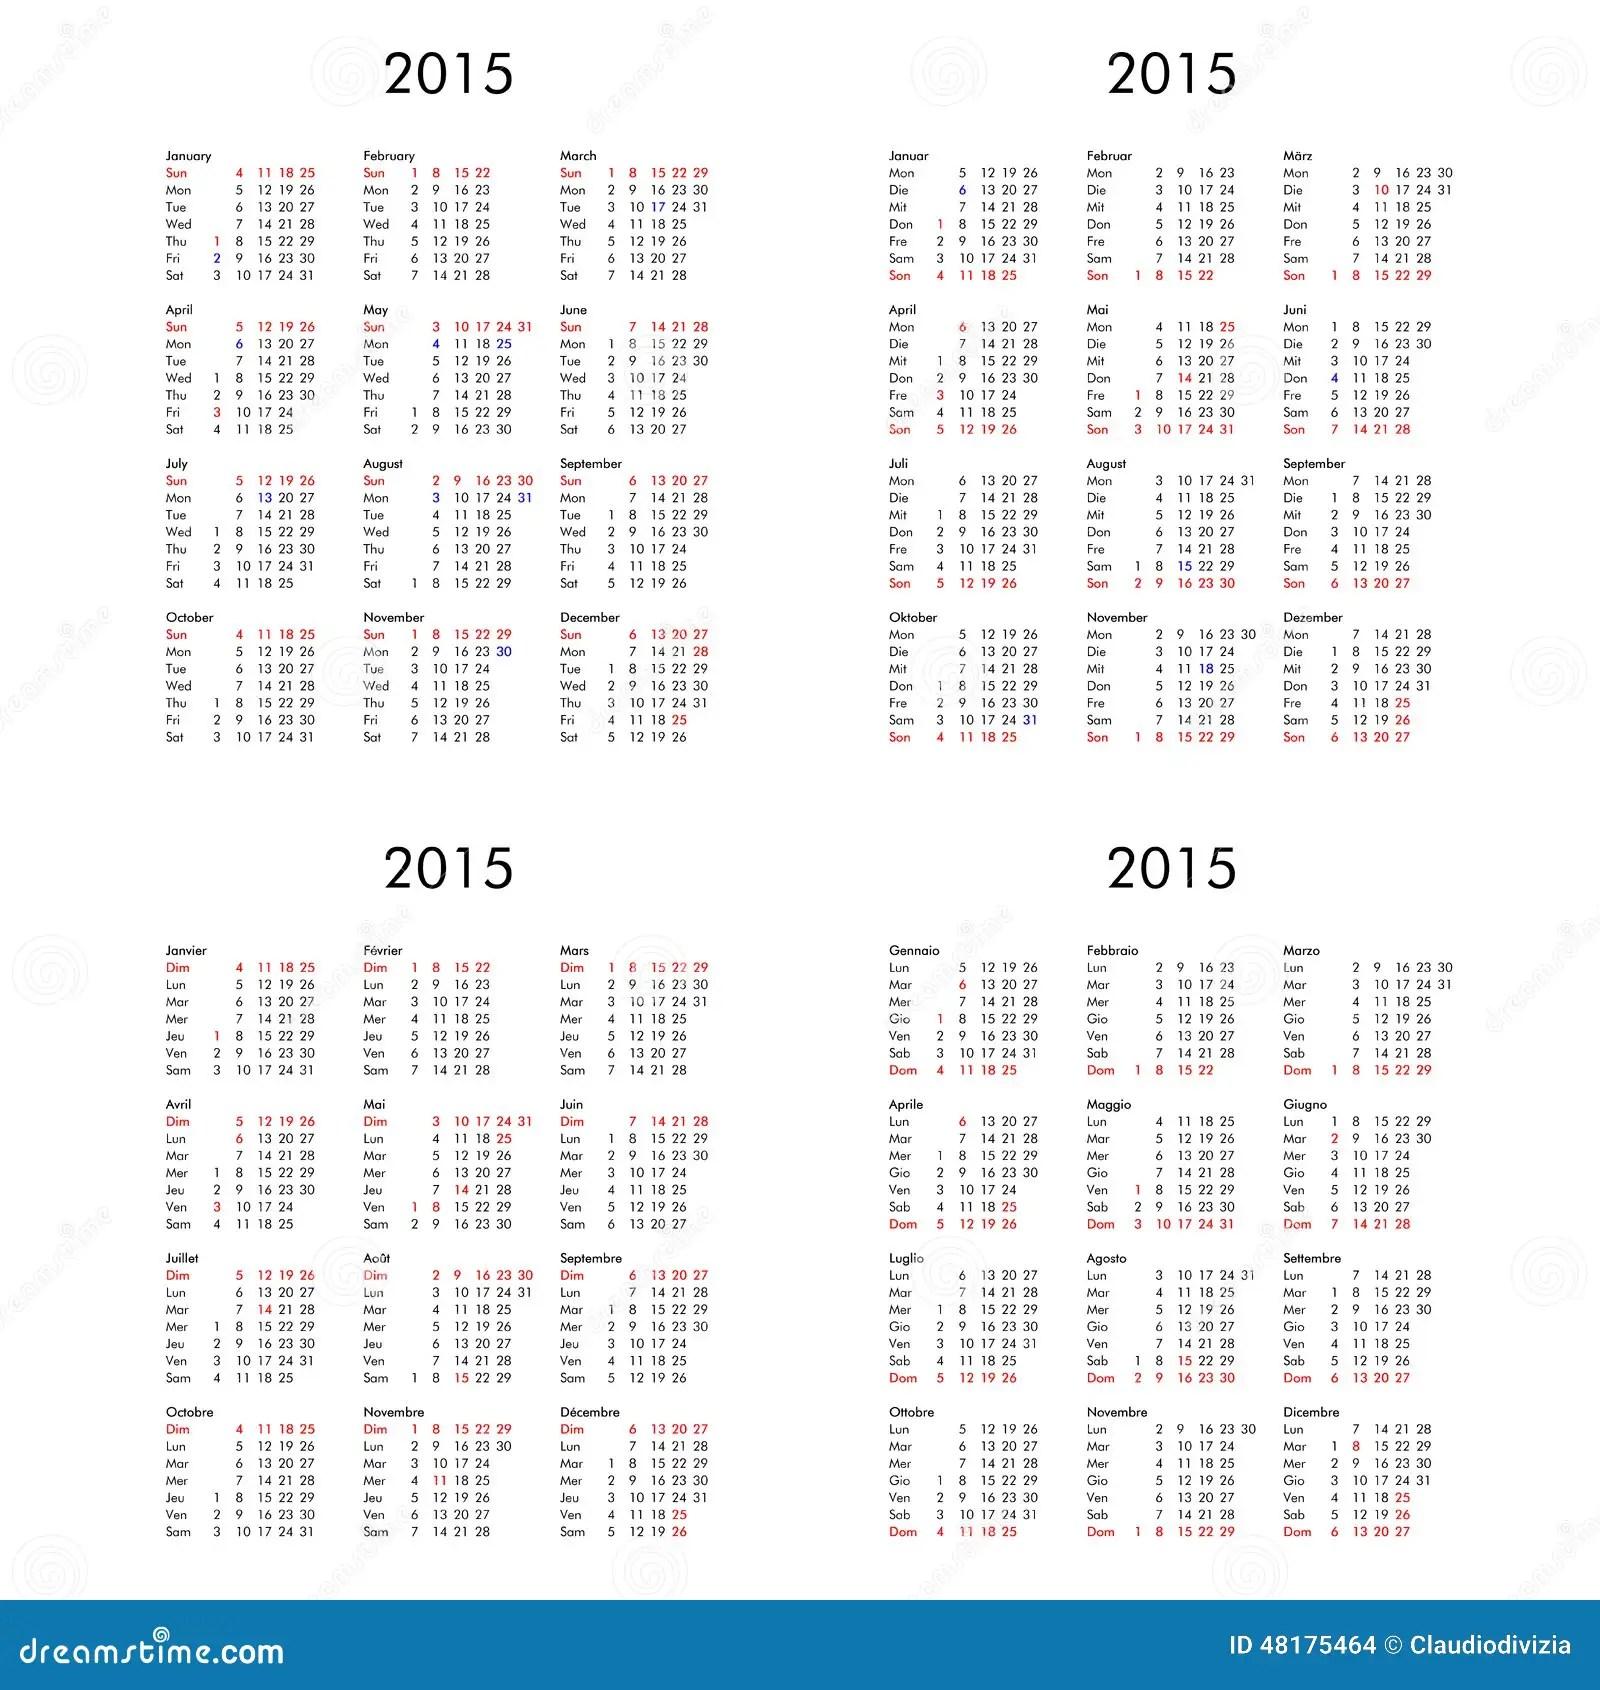 2015 Calendrier Multilingue DE FR IT BRITANNIQUE